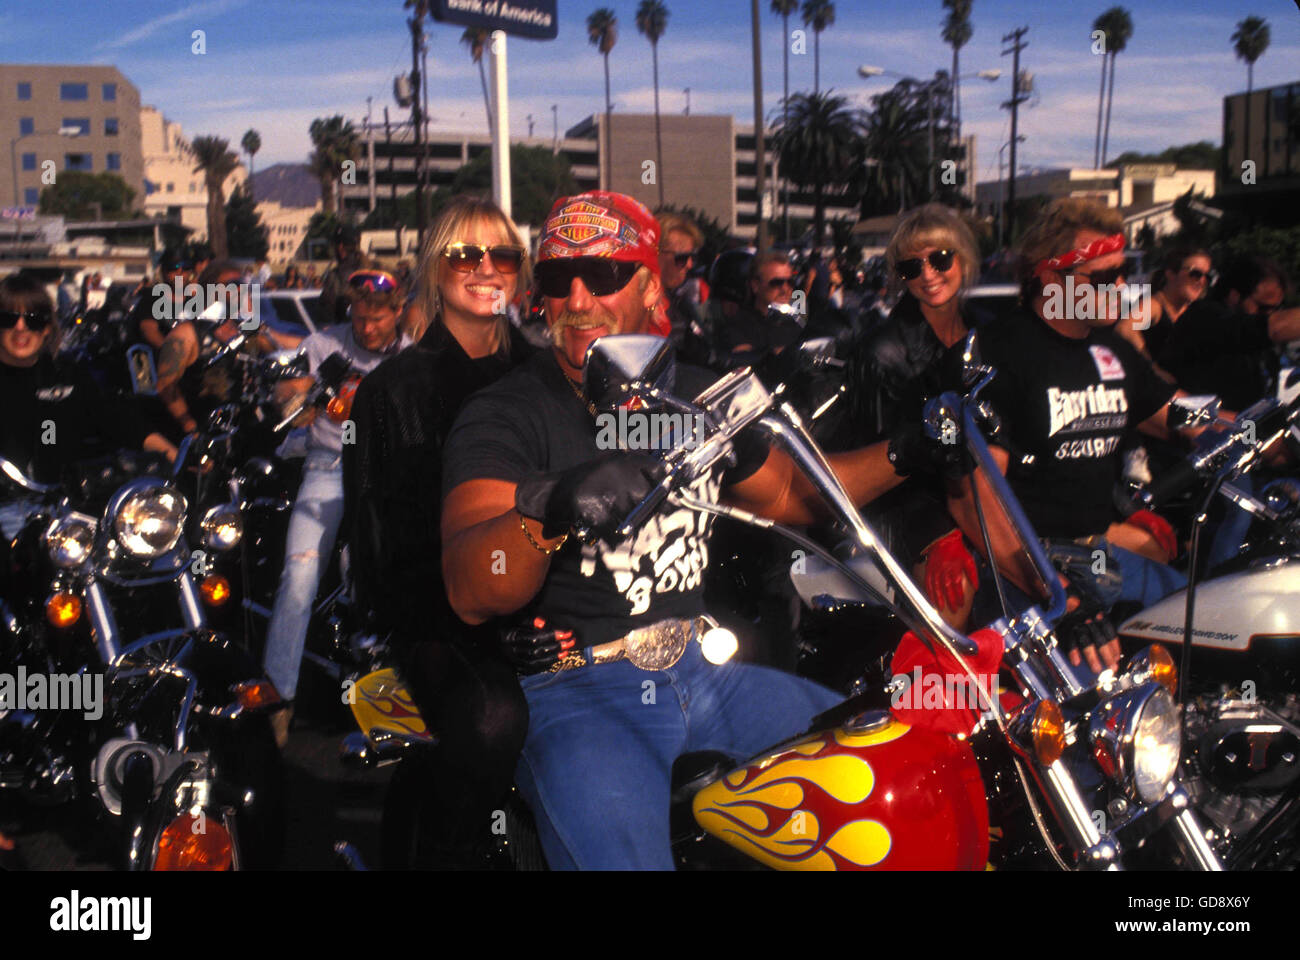 Hulk Hogan Stock Photos & Hulk Hogan Stock Images - Alamy